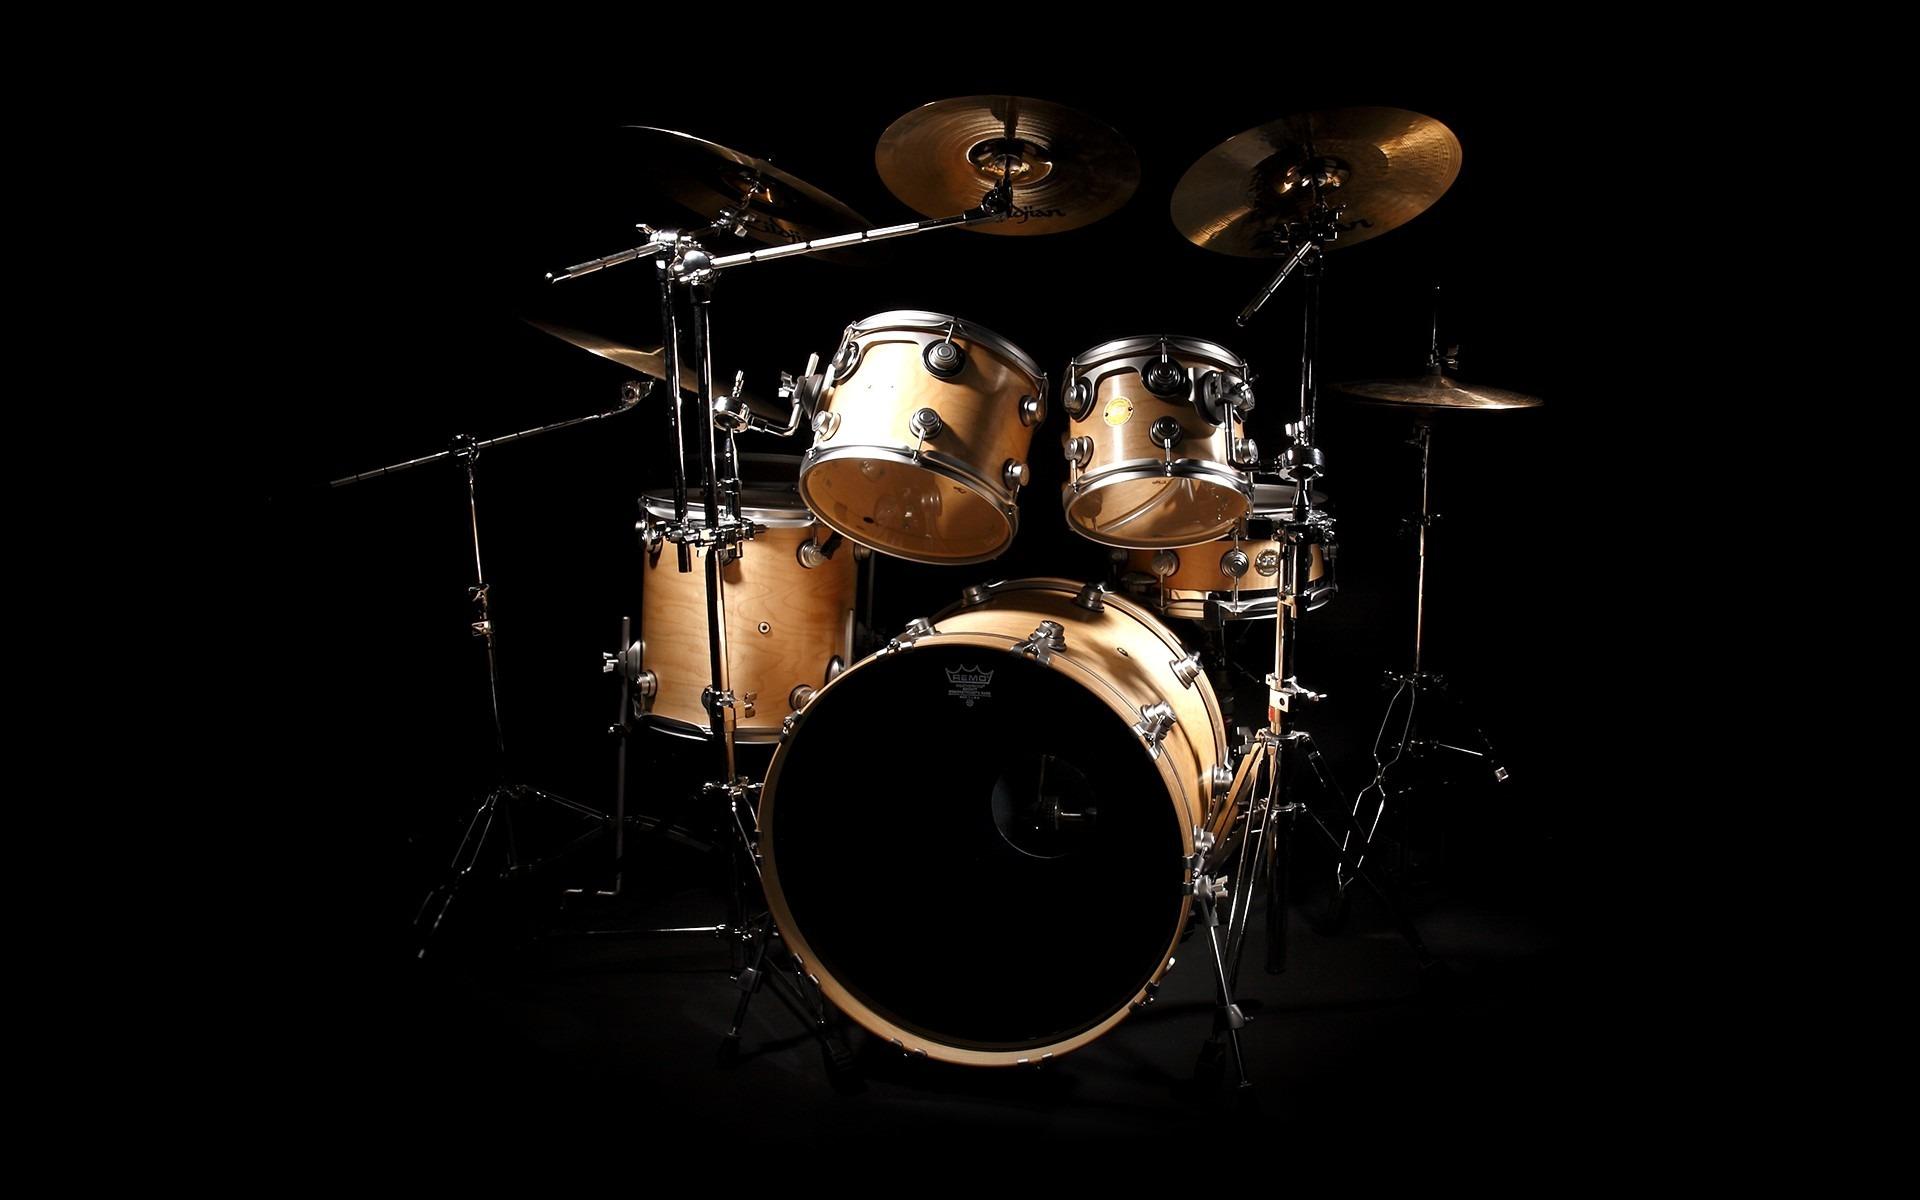 Картинки музыкальных инструментов на черном фоне